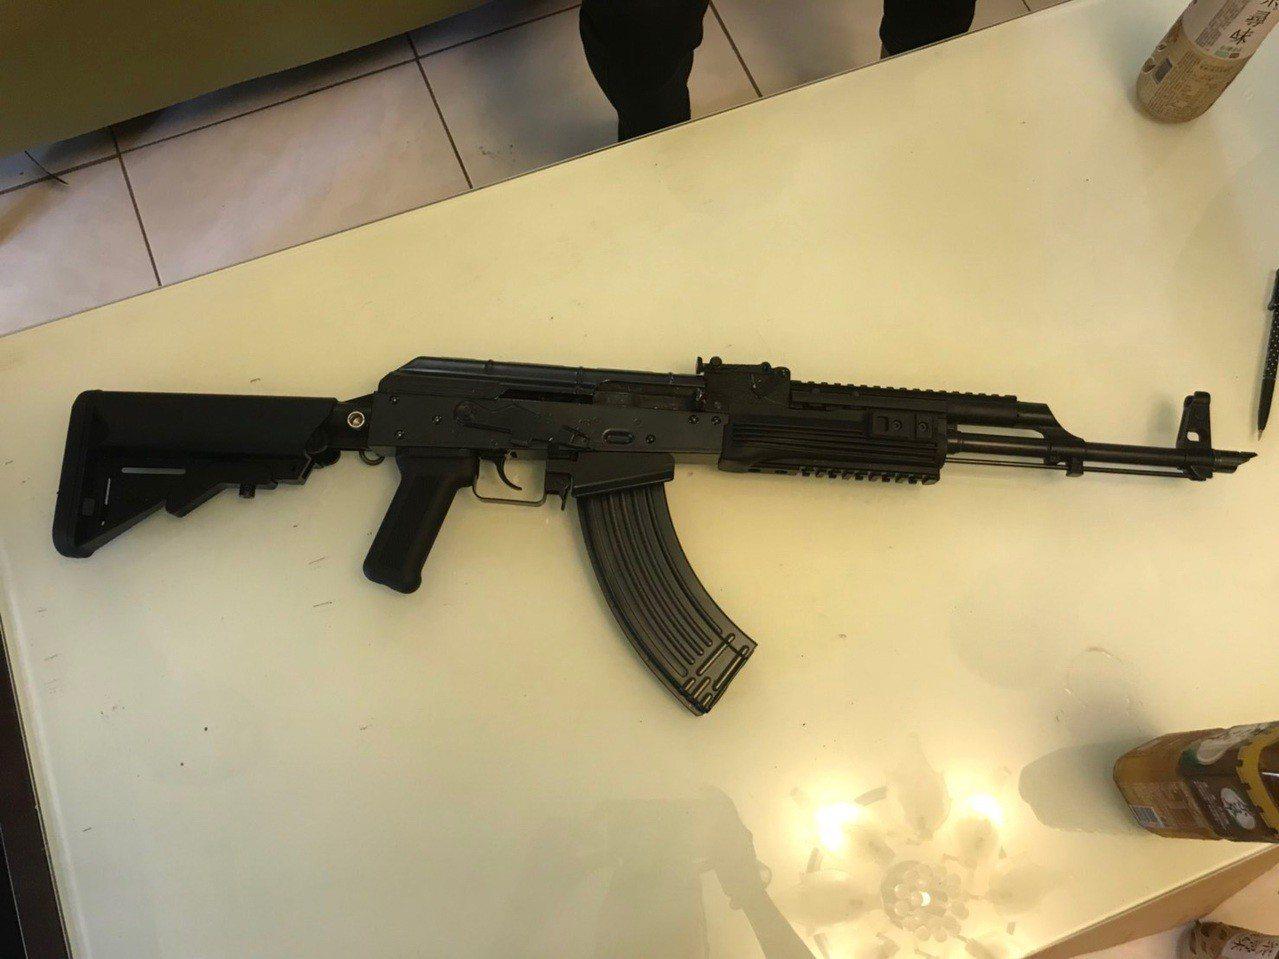 警方查獲有殺傷力的空氣長槍。記者蕭雅娟/翻攝